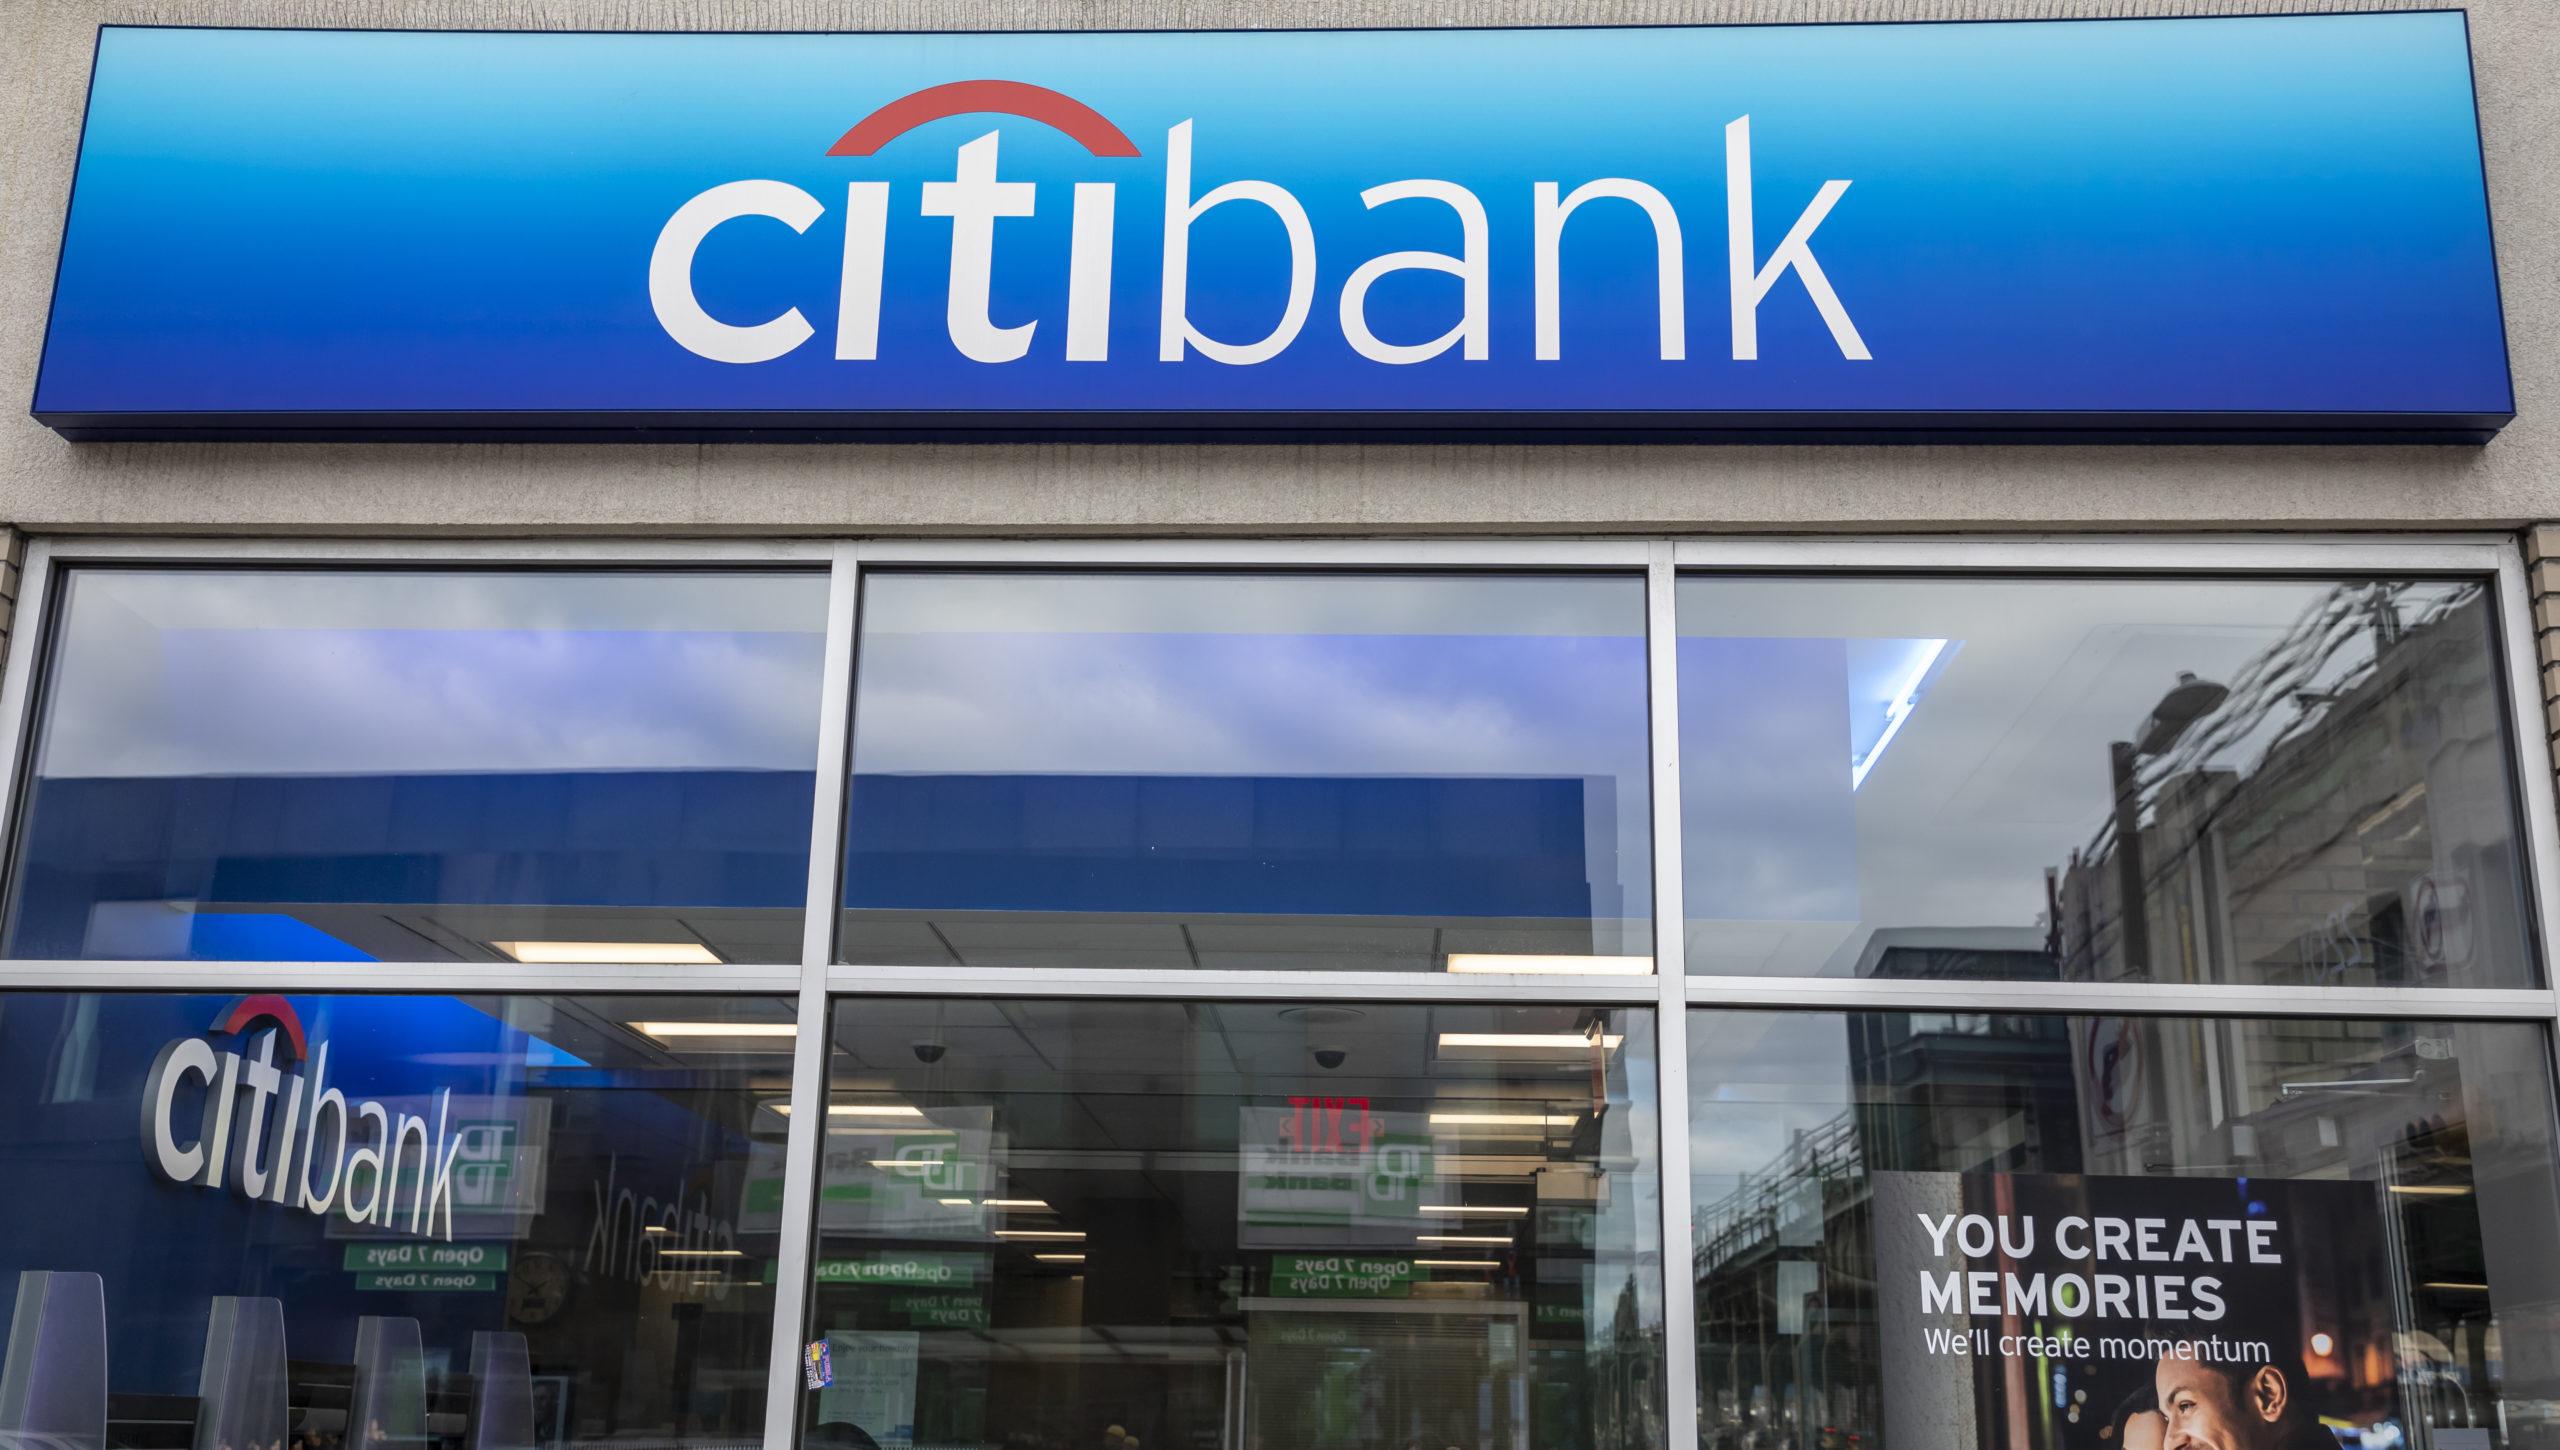 Citibank verliert mehr als 500 Mio. Dollar wegen Falschüberweisung